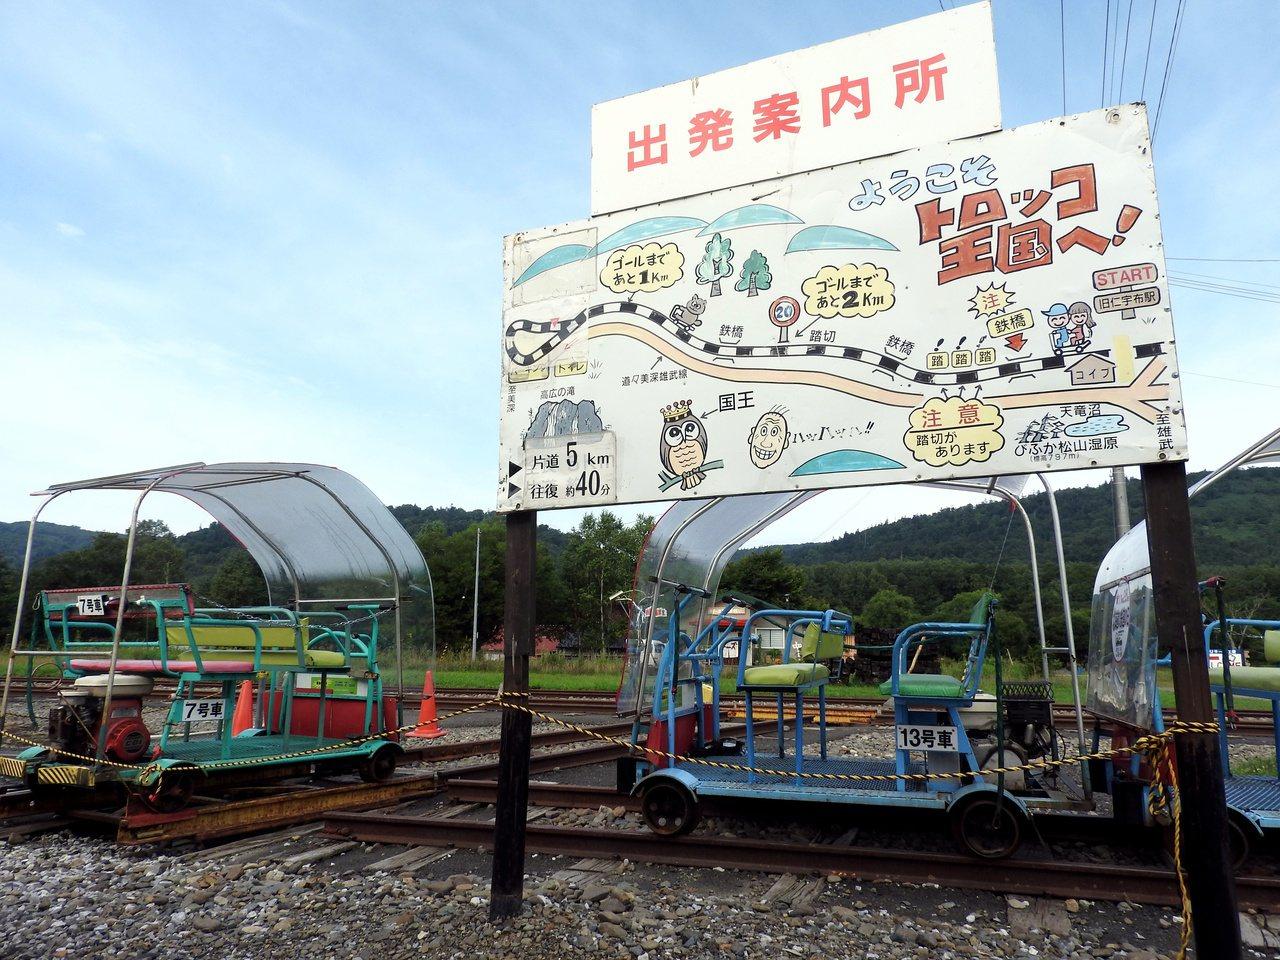 鐵道全長5公里、來回約40分鐘。 圖/記者魏妤庭